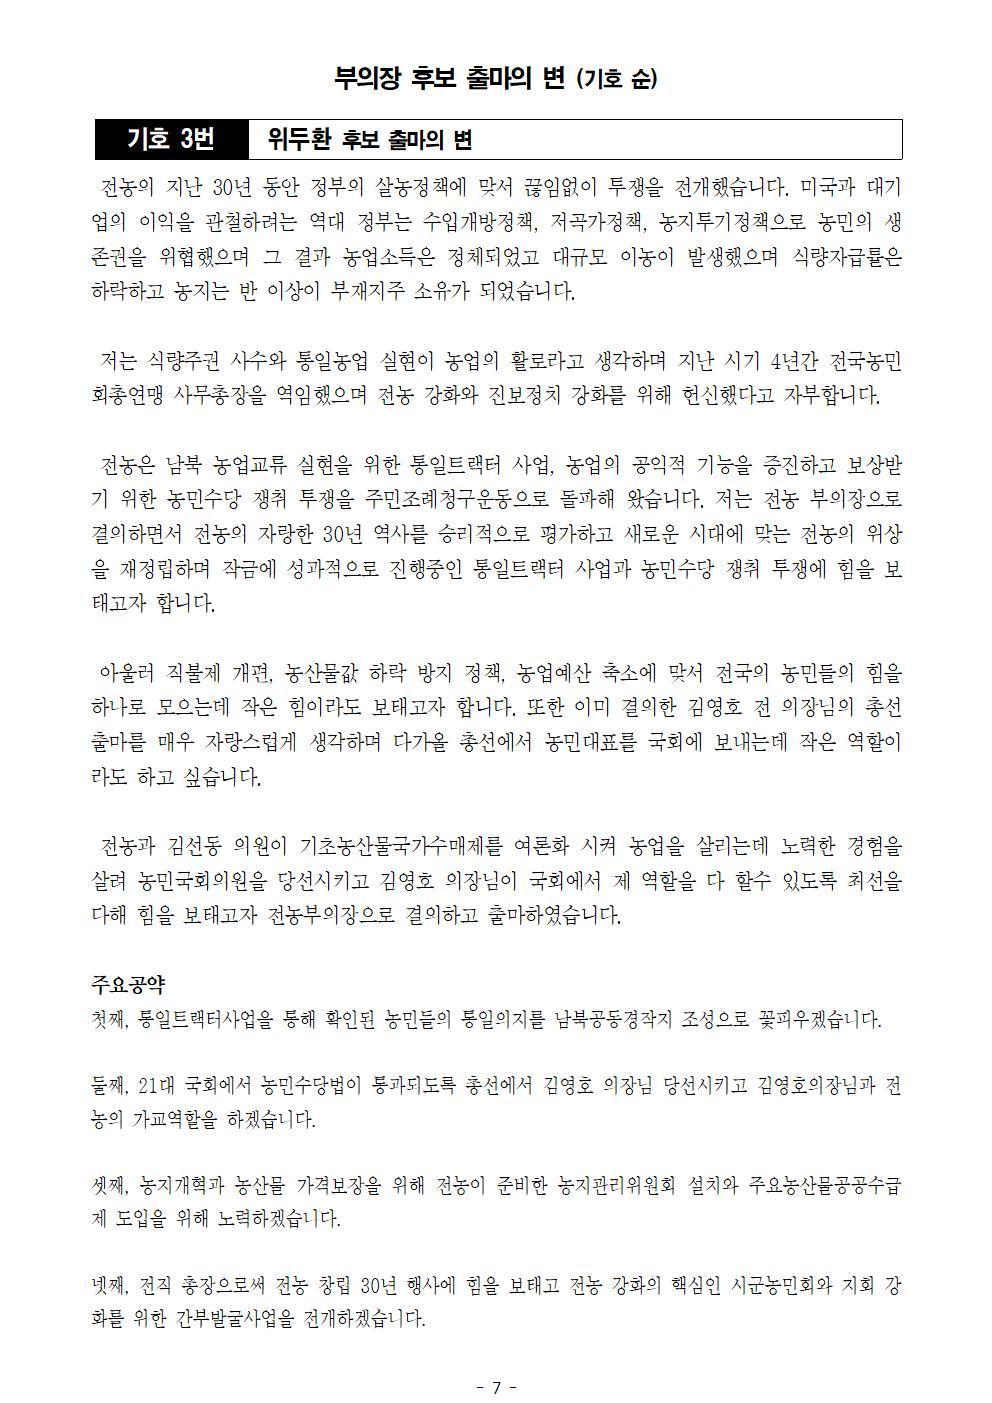 200203_18기_임원선거_선거공보007.jpg